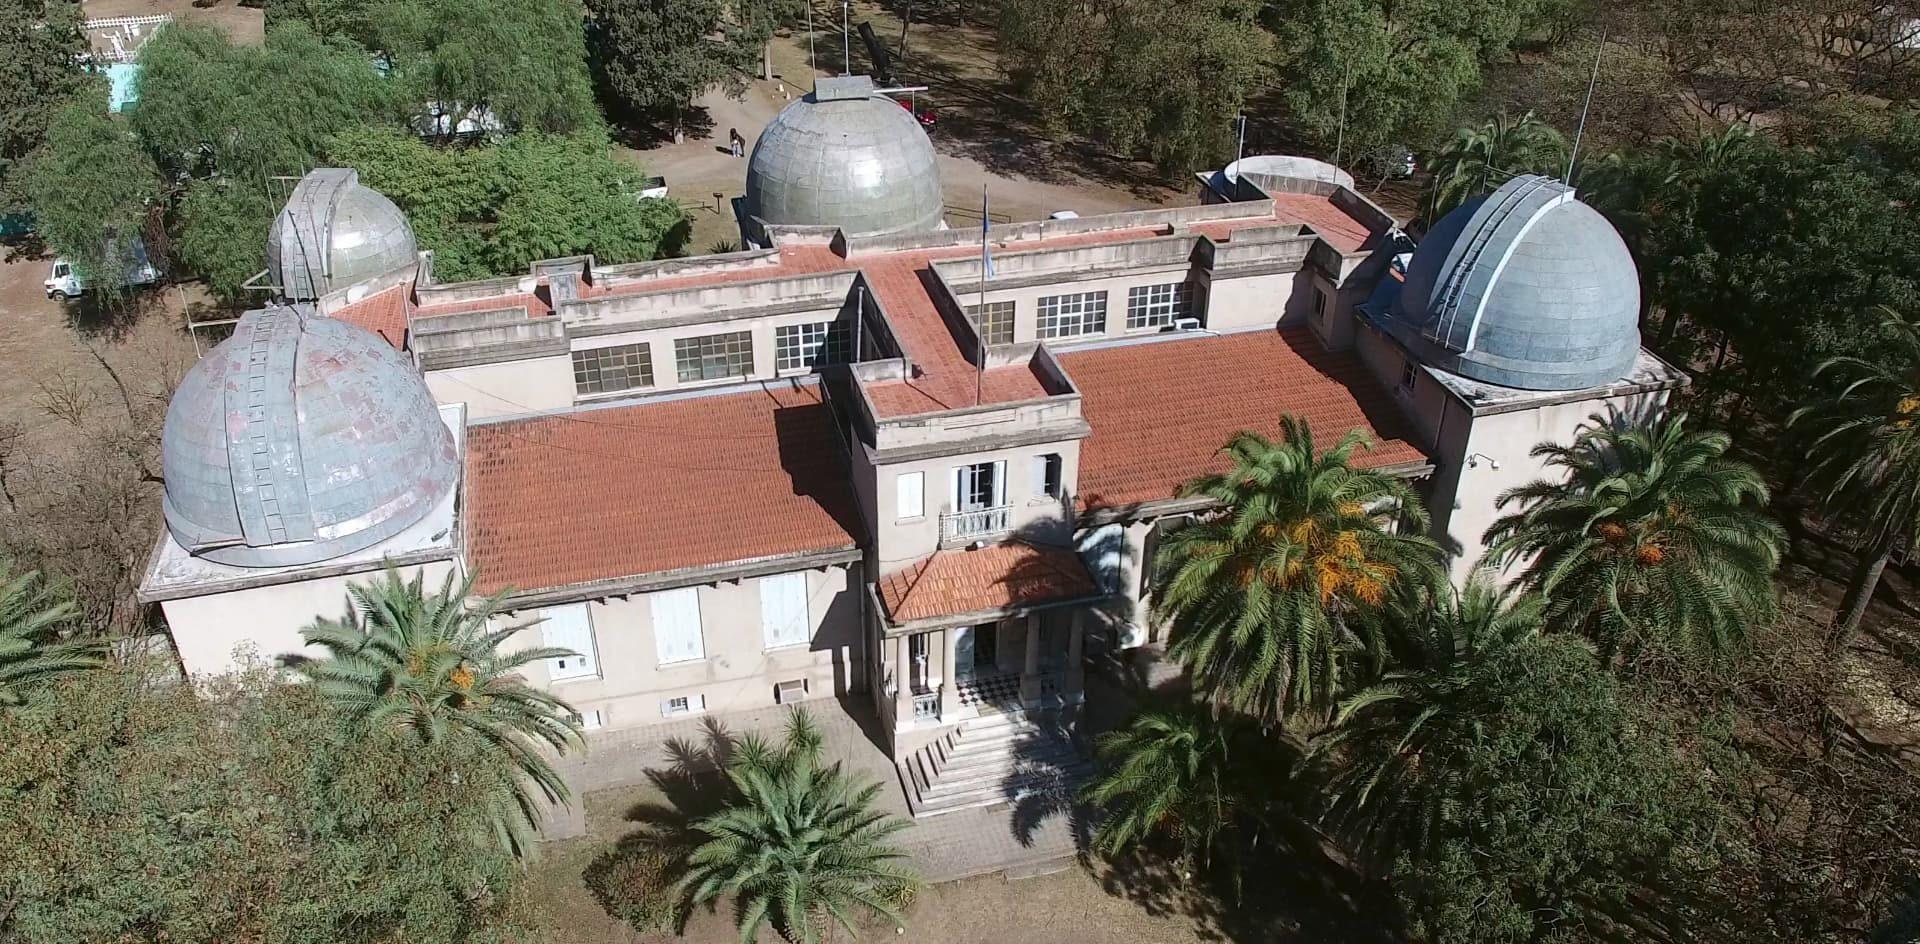 El Observatorio Astronómico de Córdoba ya cuenta con un recorrido virtual 360